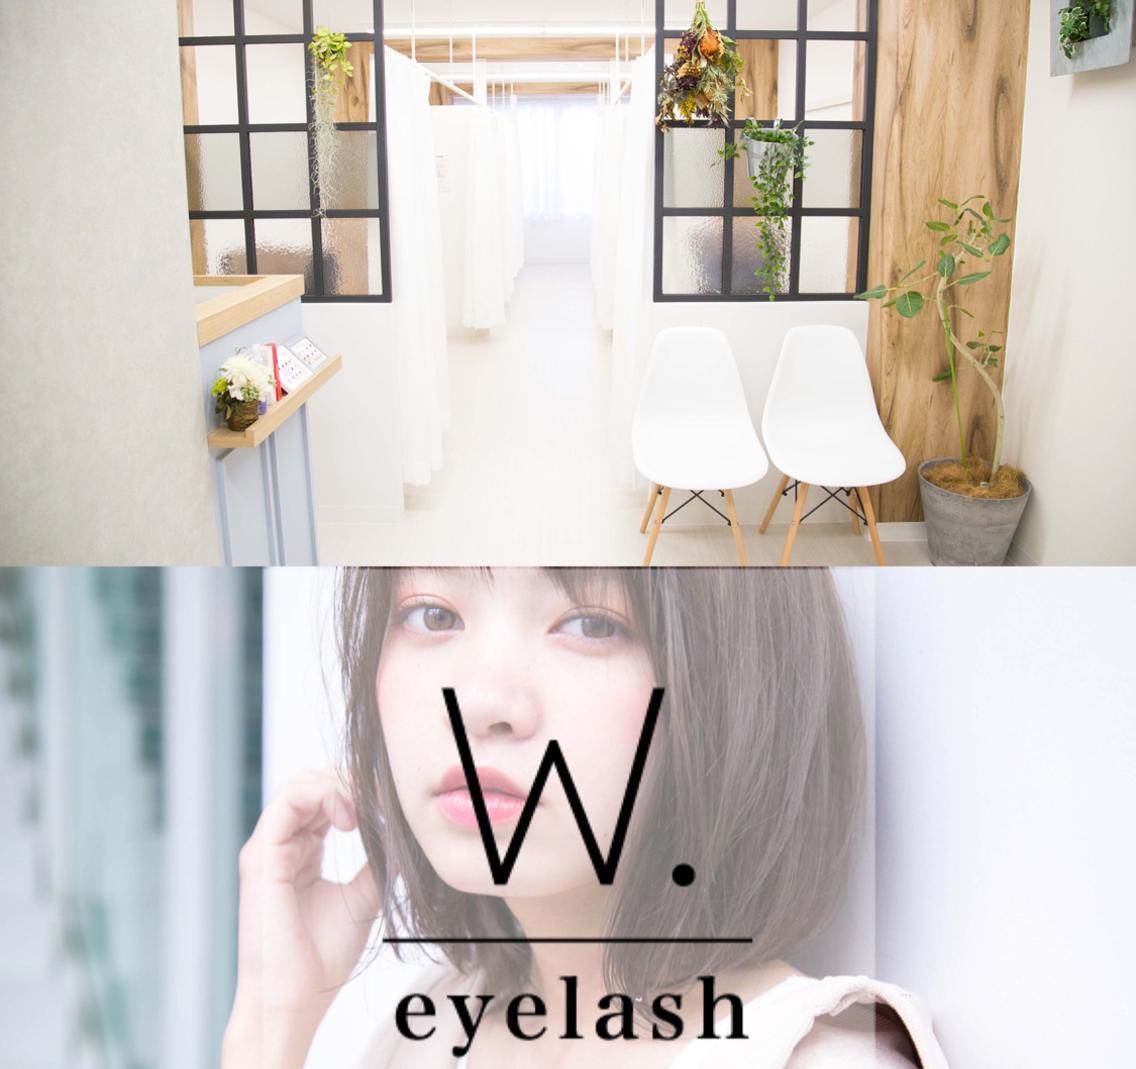 W.eyelash所属・ダブリューアイラッシュの掲載